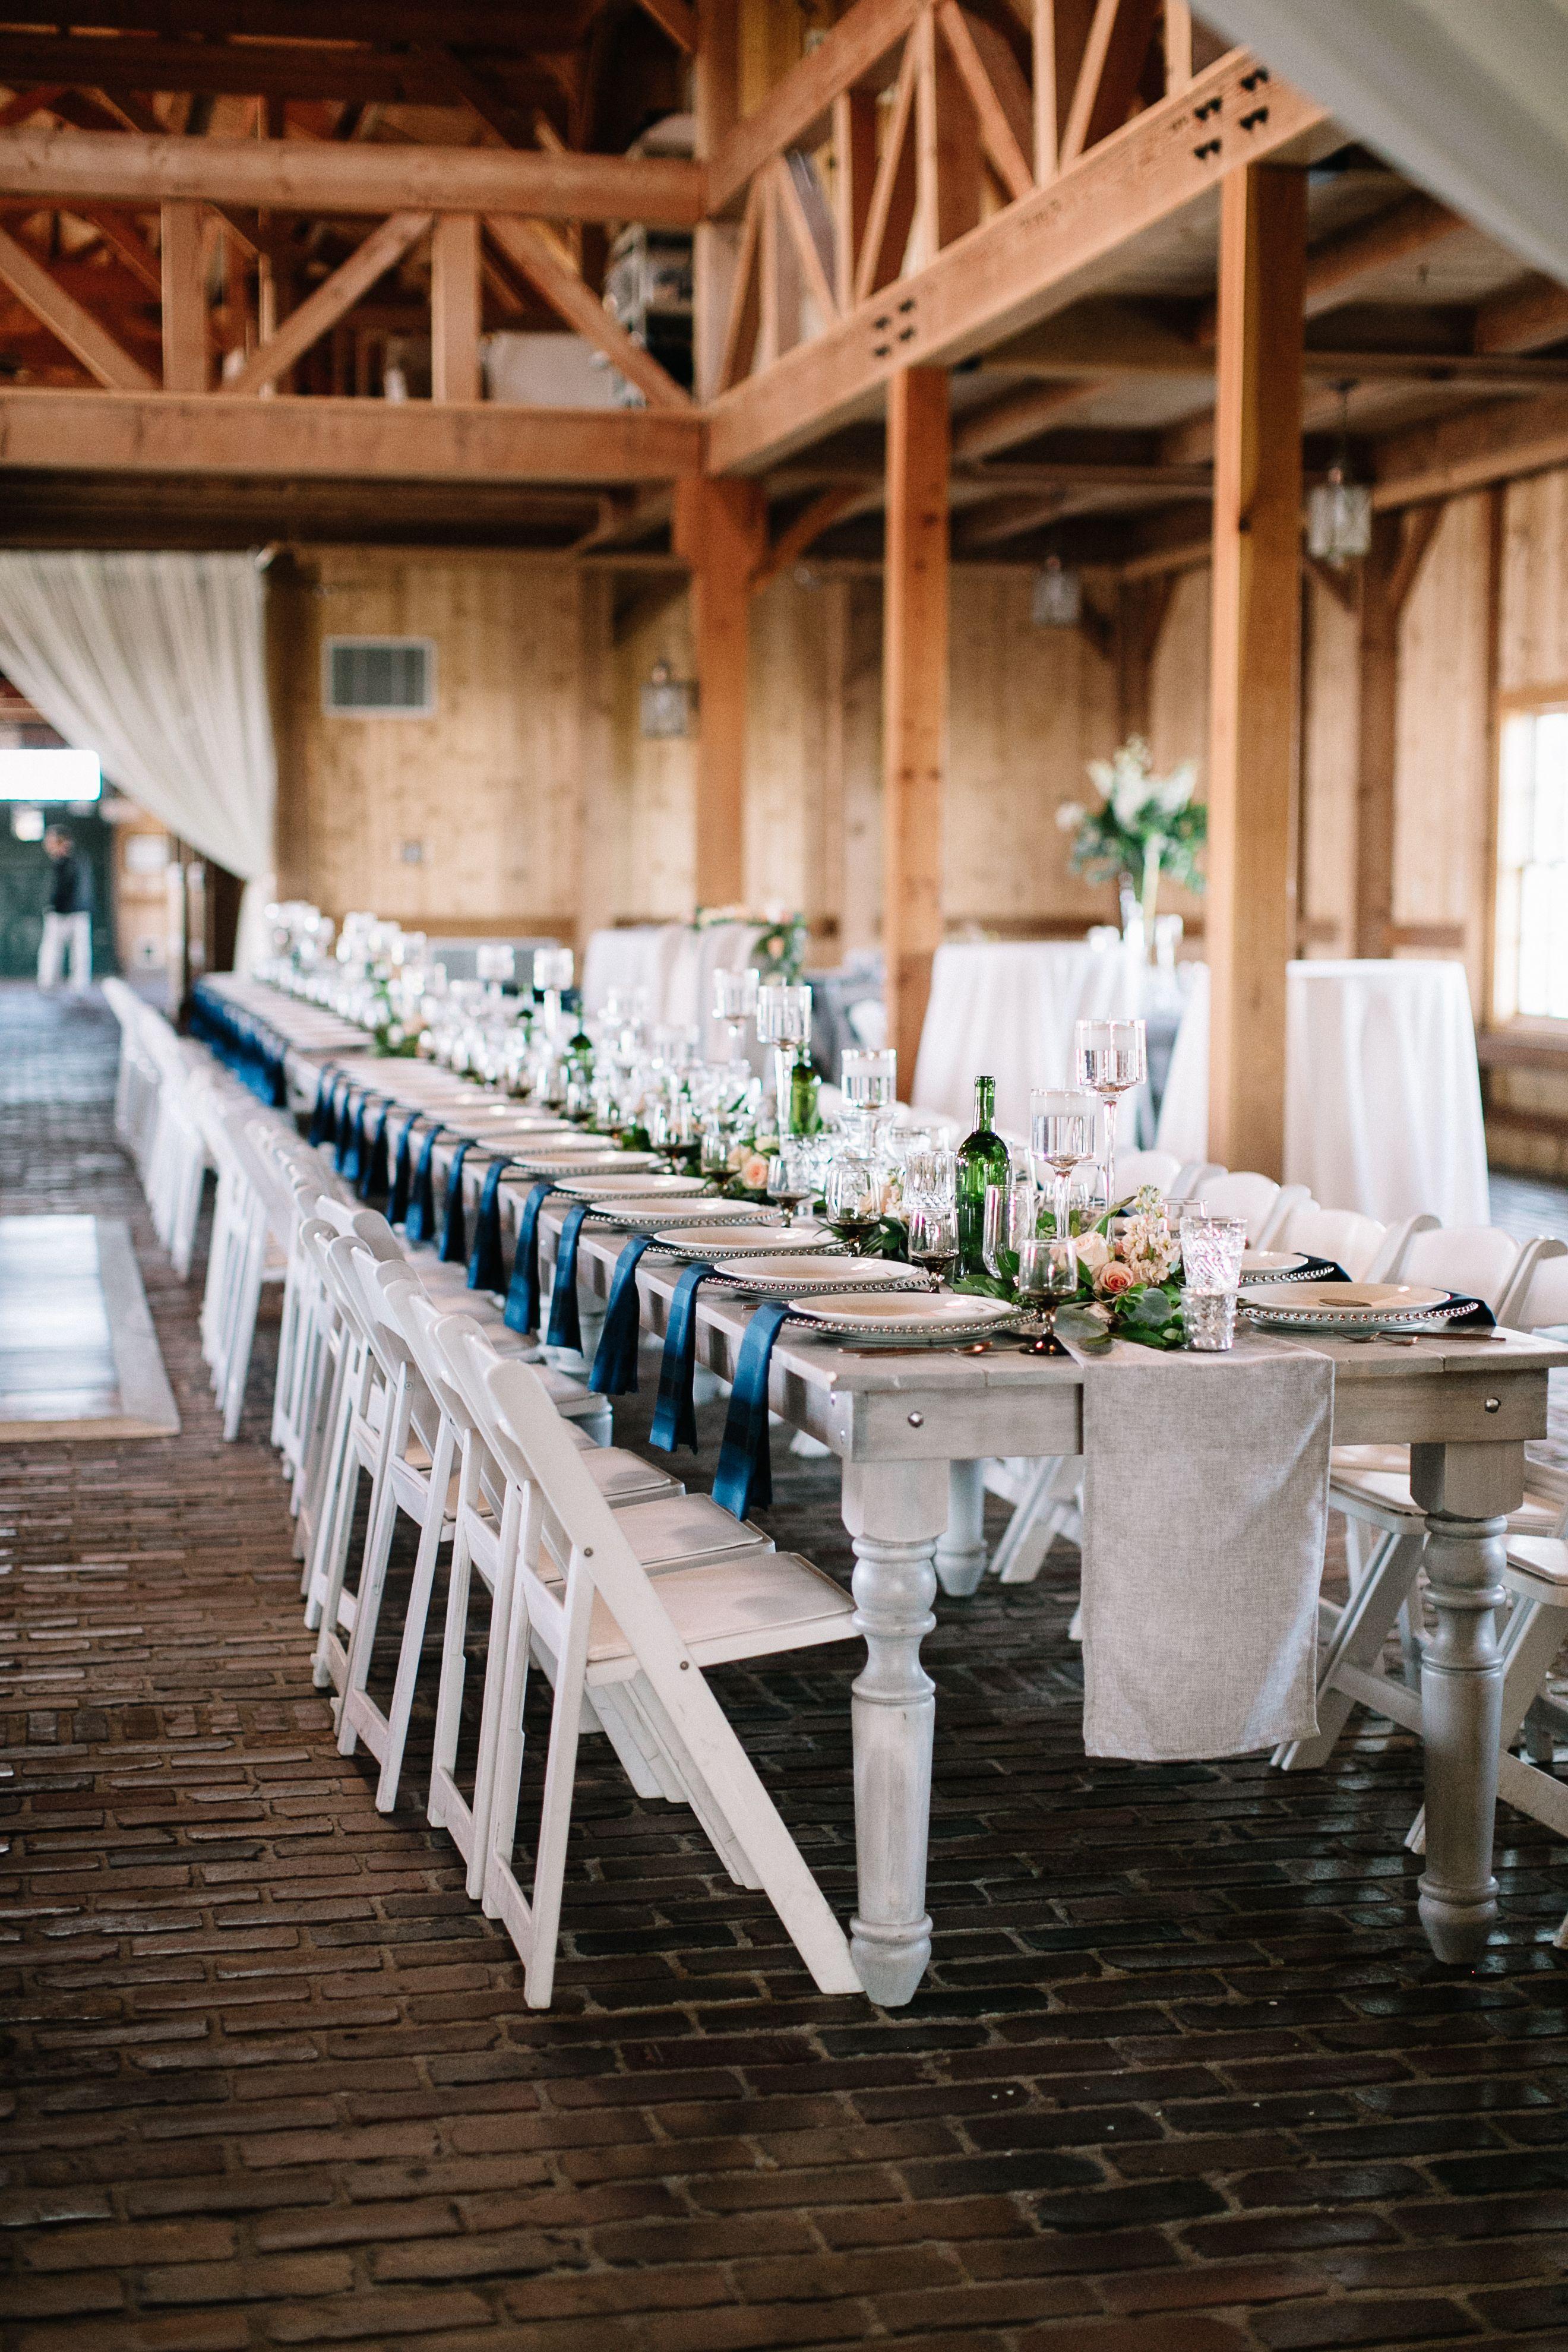 Farm wedding decor ideas  Mildale Farm Barn Reception  WEDDING IDEAS  Pinterest  Reception